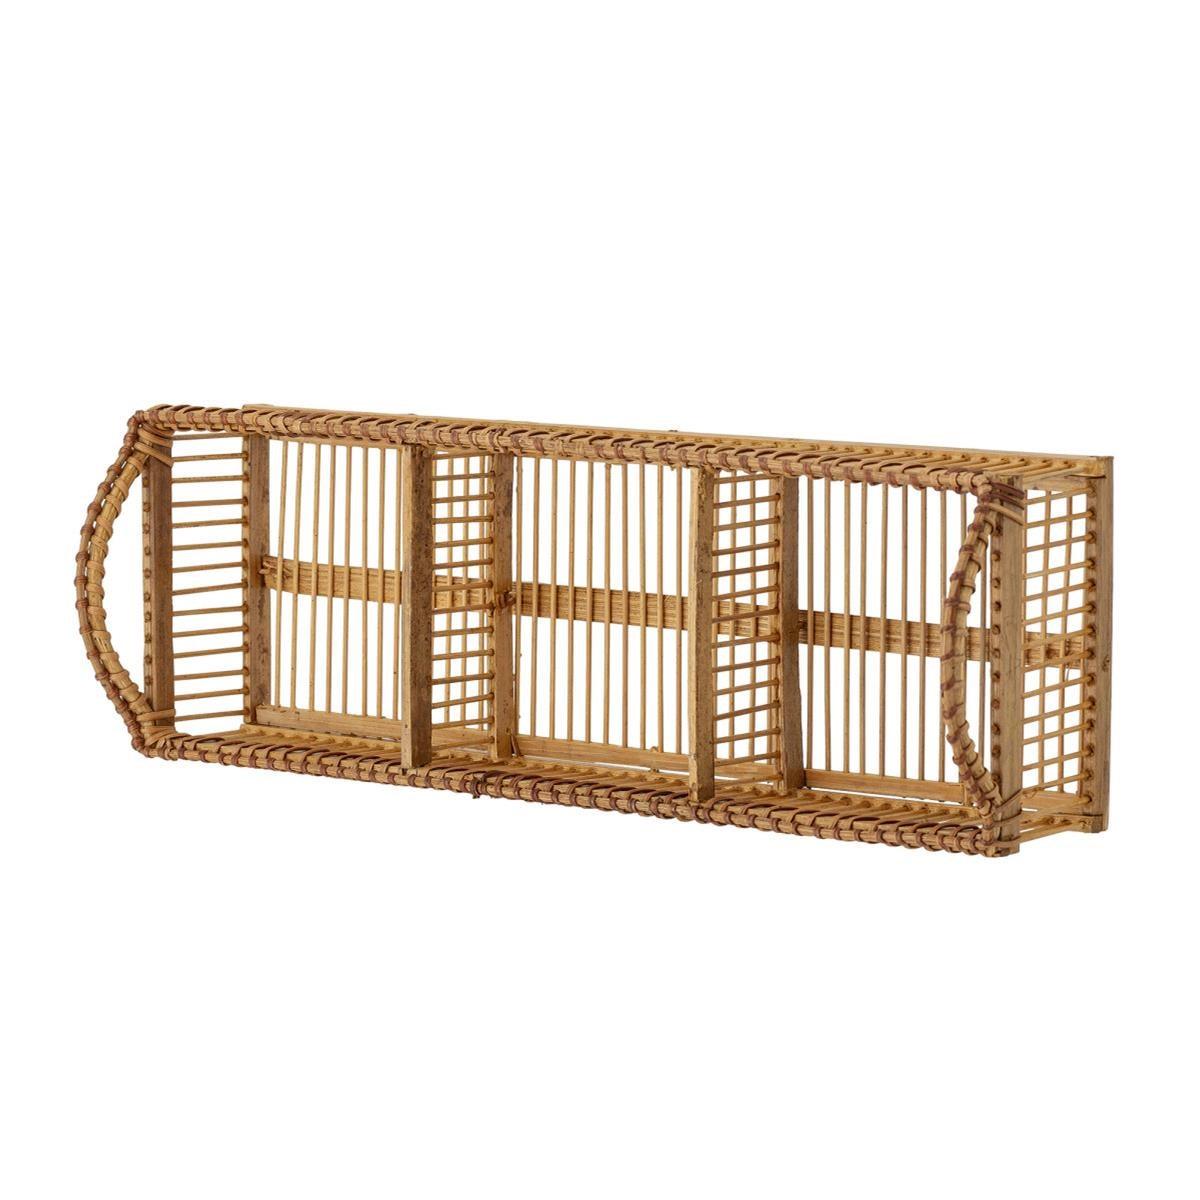 Odkládací koš / podnos s uchy Bamboo přírodní_1